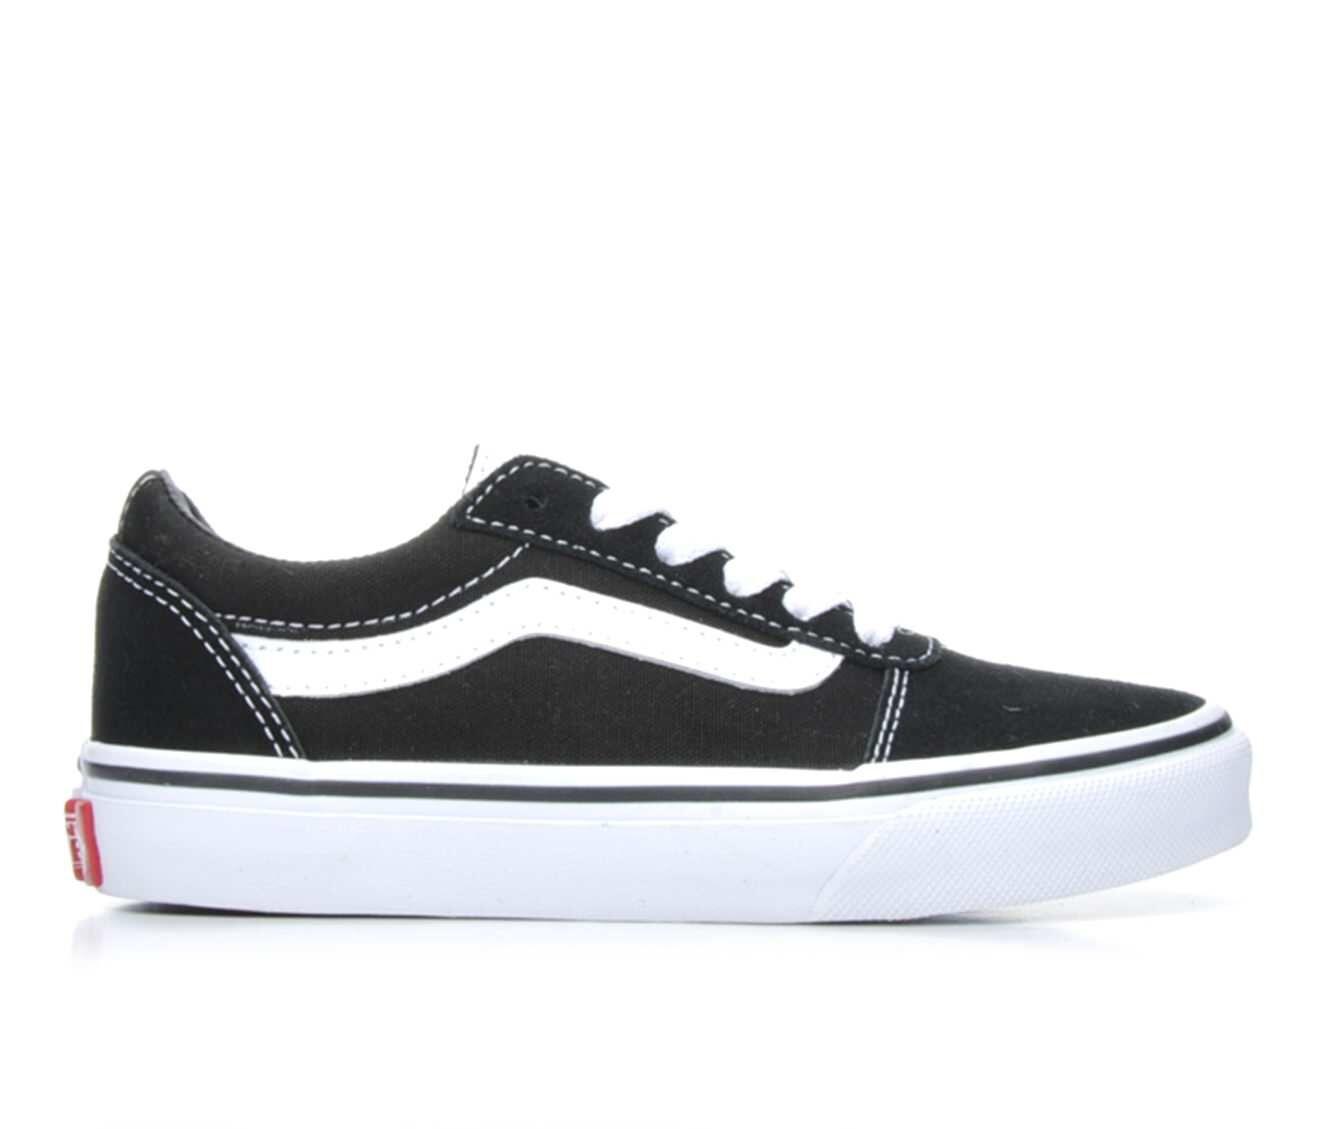 Vans Little Kid \u0026 Big Kid Ward Sneakers